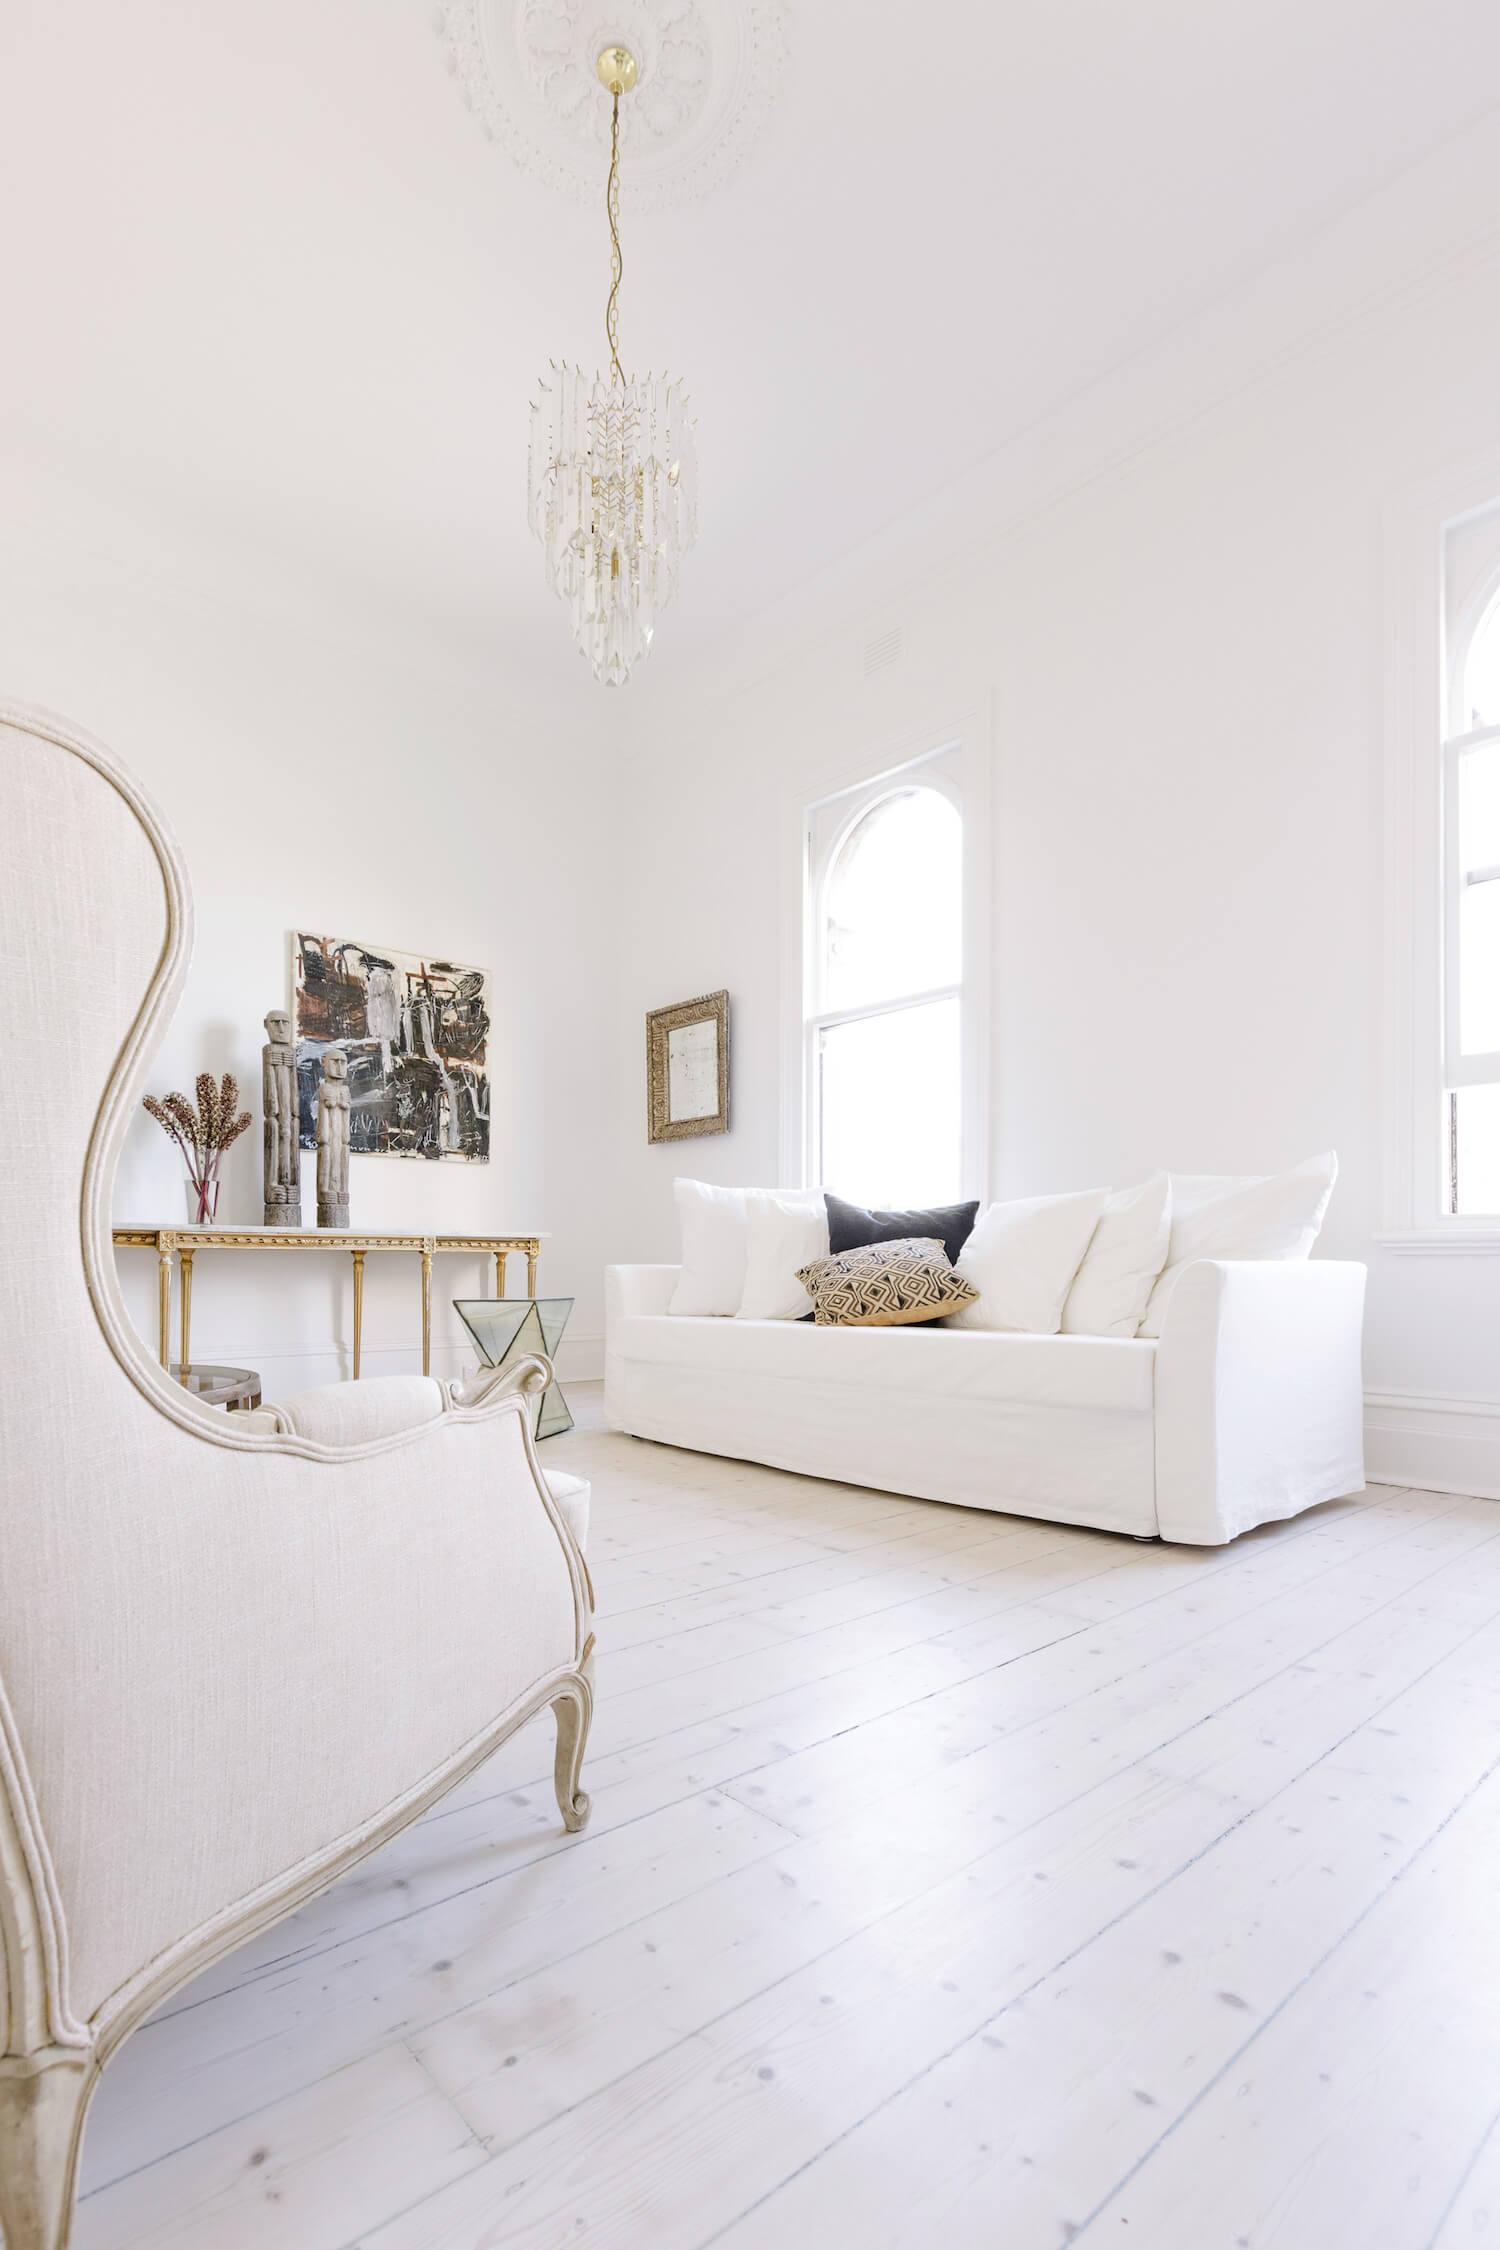 est living interiors storie south melbourne 2